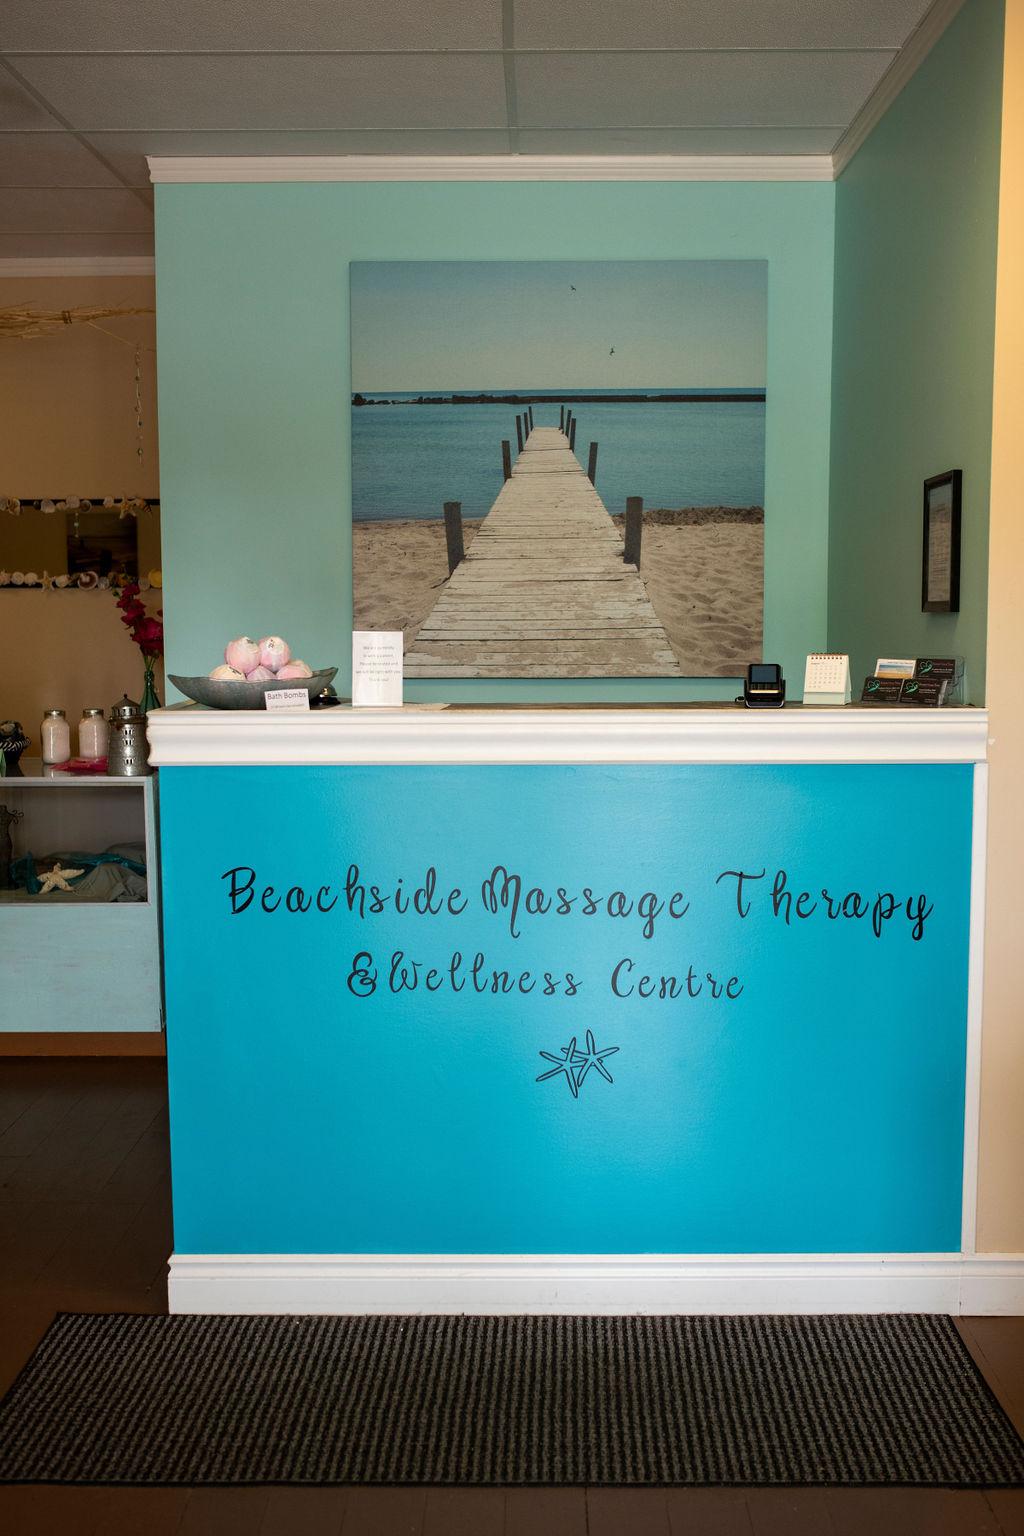 Beachside massage therapy